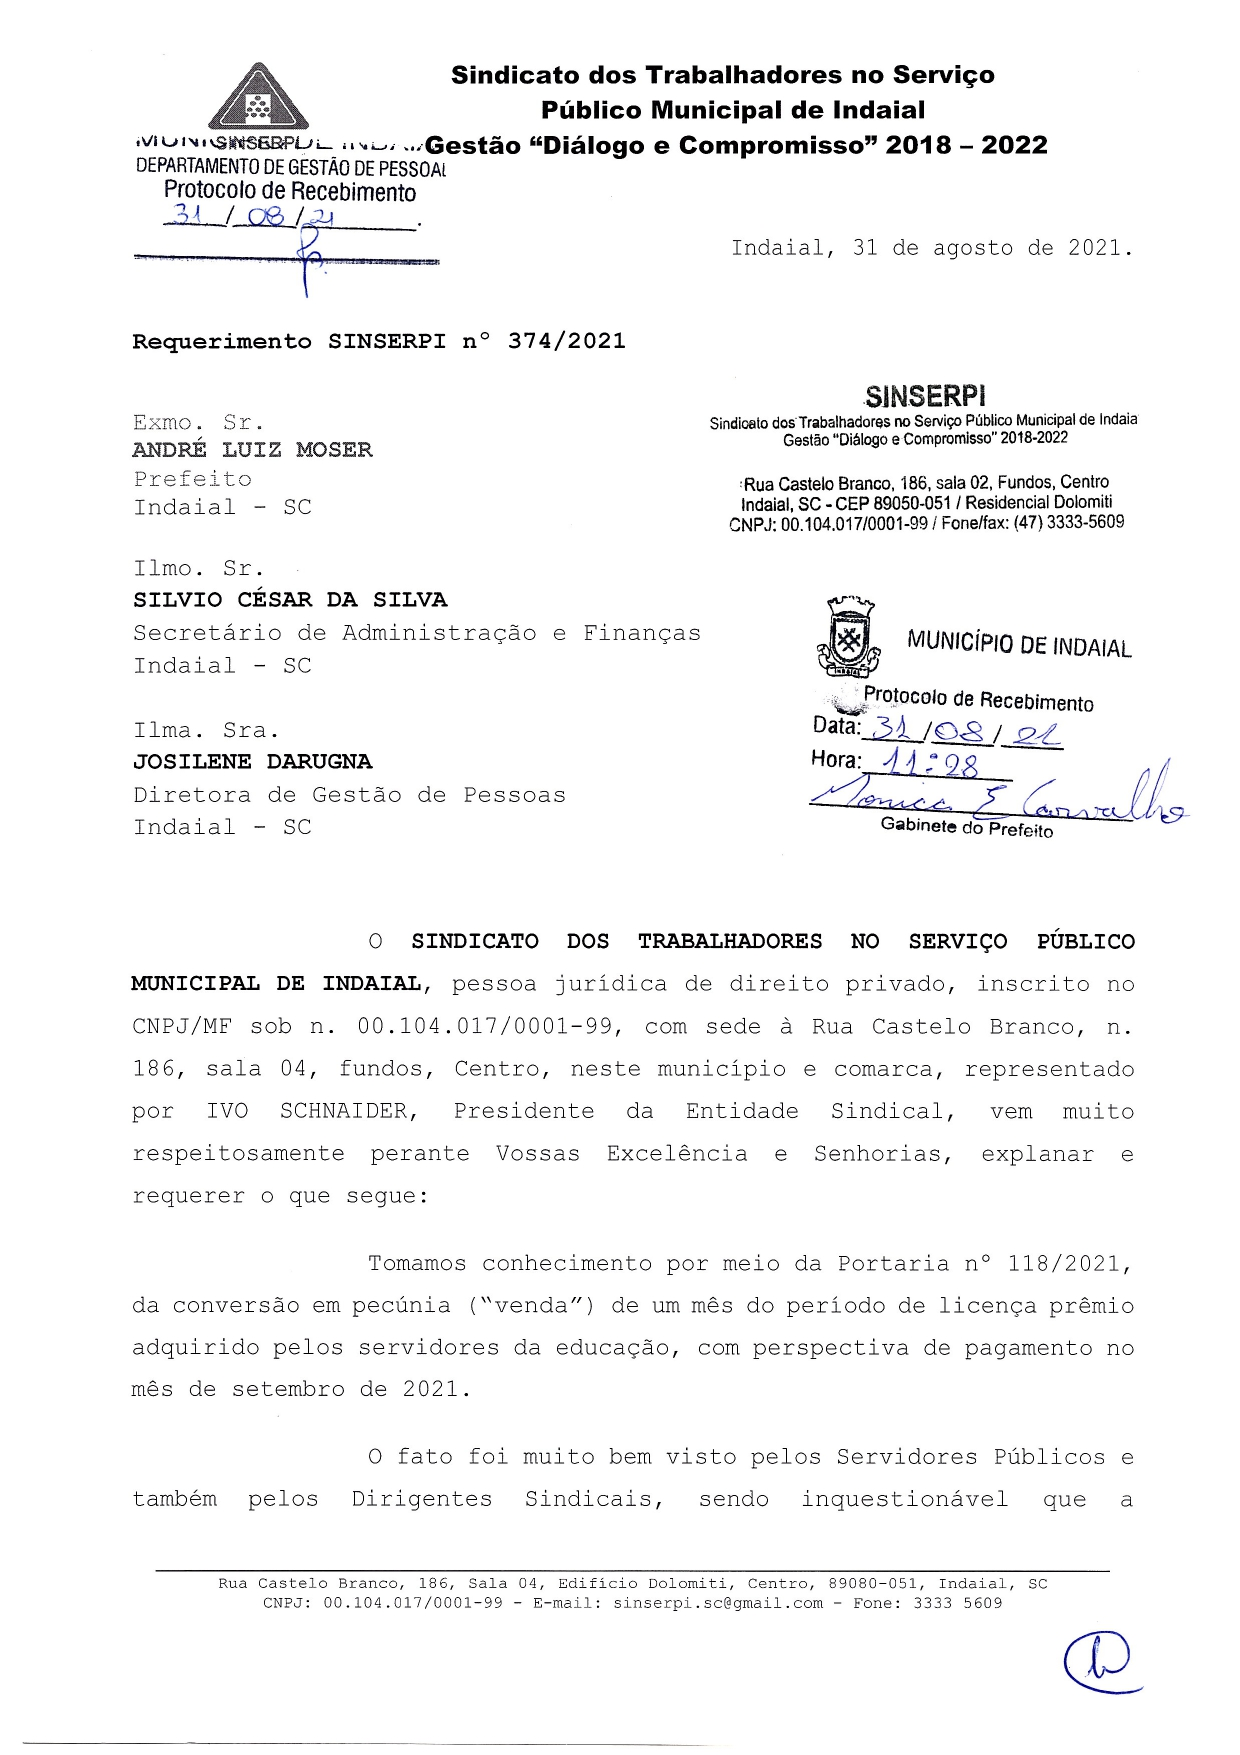 SINDICATO EM AÇÃO! SINSERPI requer igualdade de pagamento da conversão em pecúnia de um mês do período de licença prêmio para todos os Servidores Púbicos Municipais.